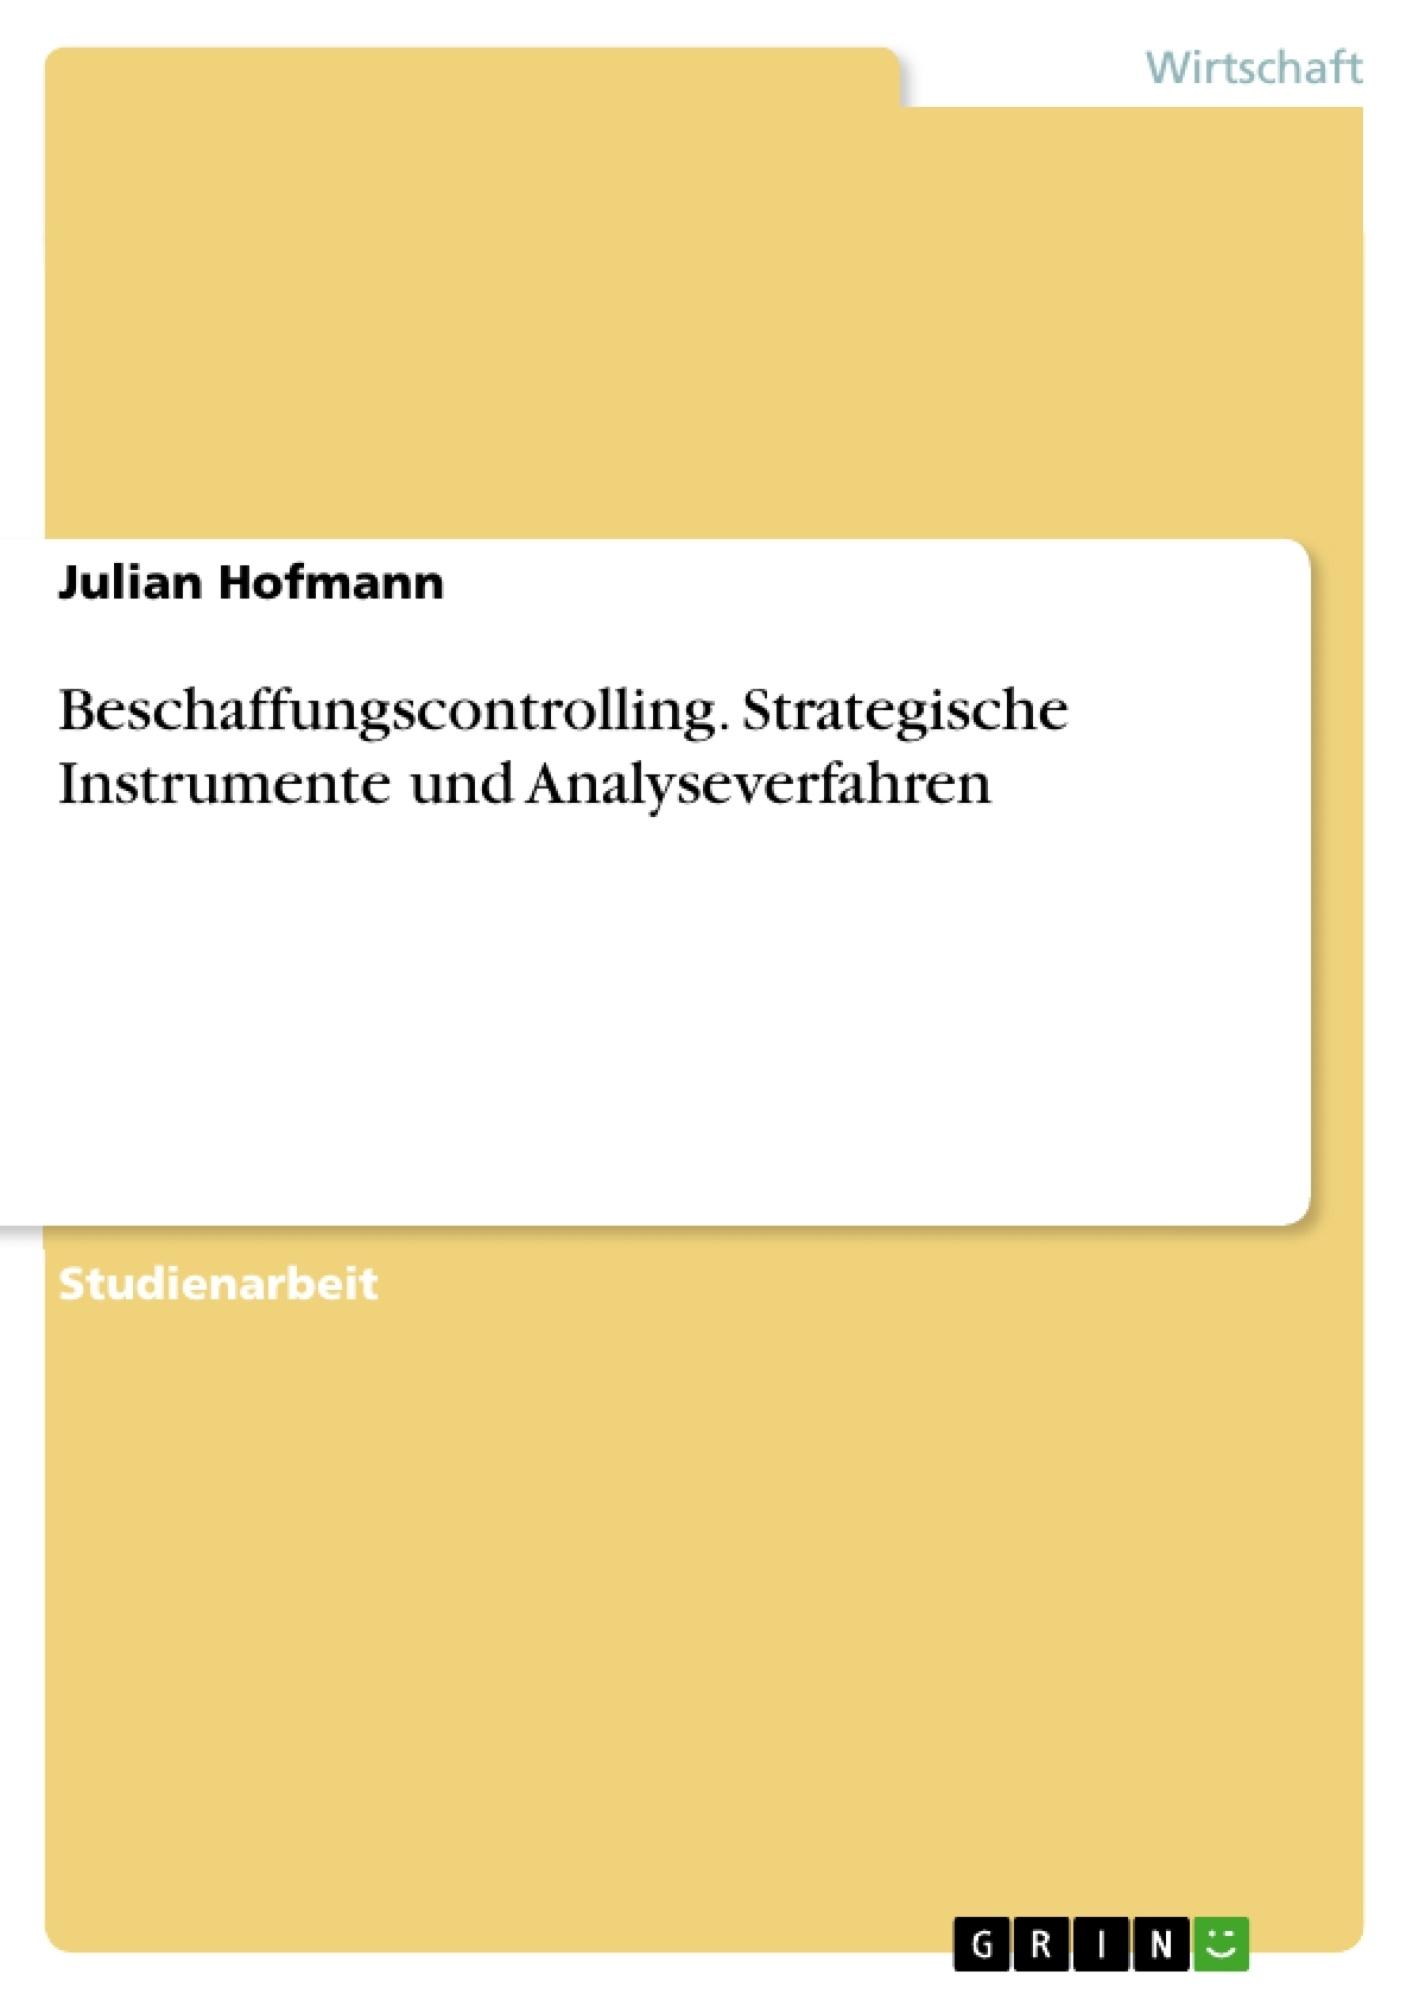 Titel: Beschaffungscontrolling. Strategische Instrumente und Analyseverfahren